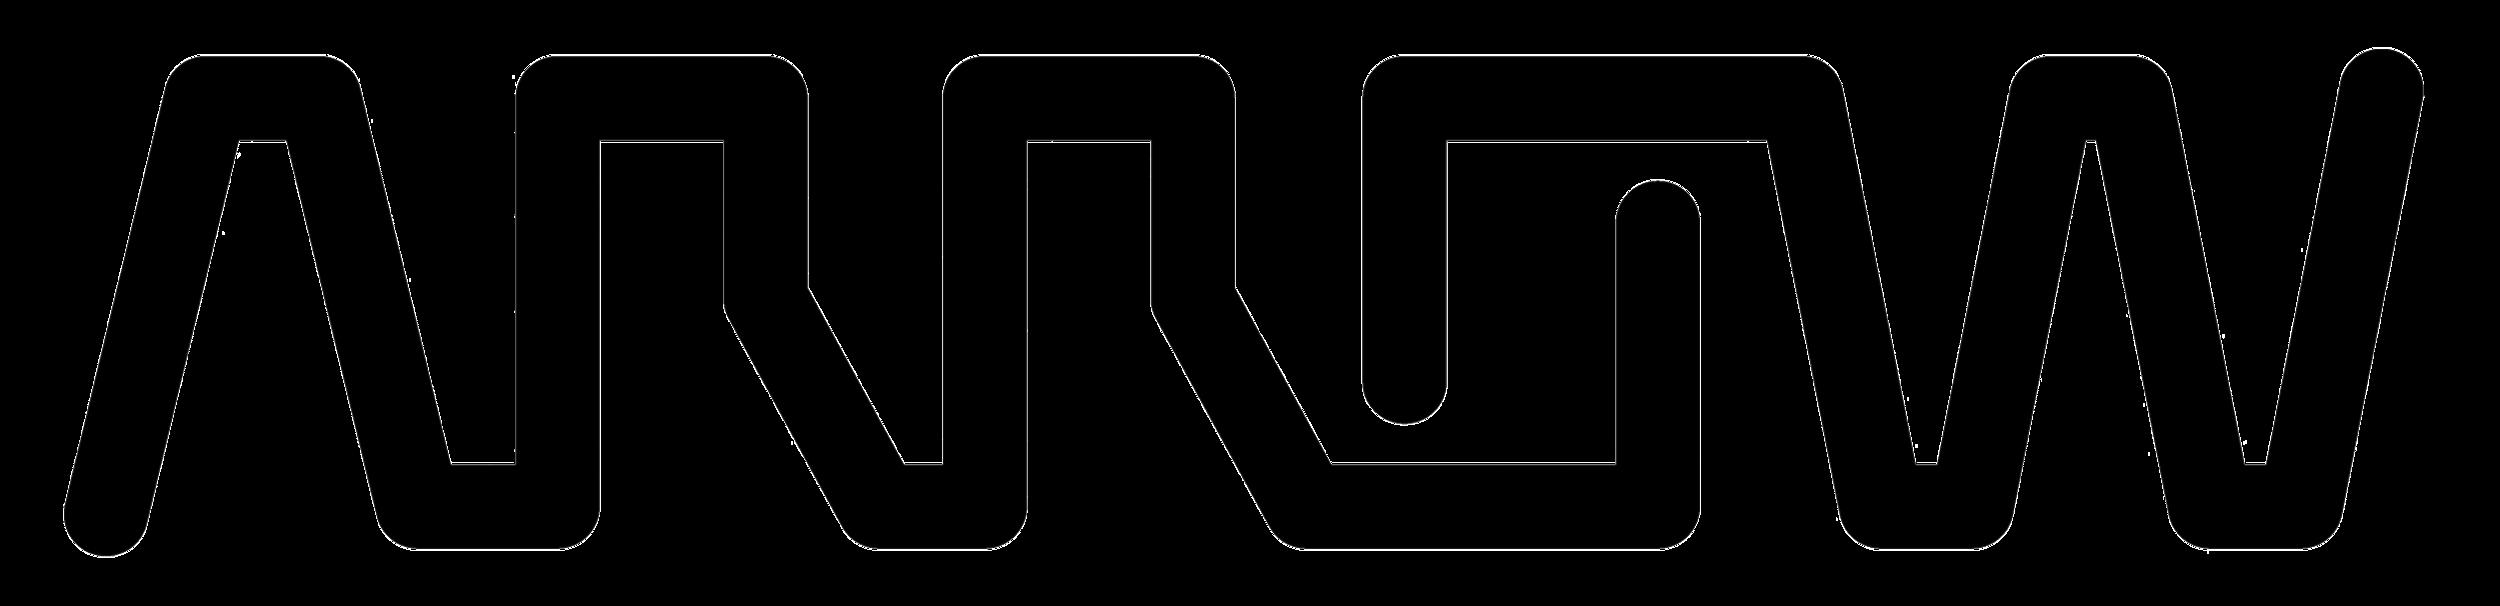 PNGPIX-COM-Arrow-Electronics-Logo-PNG-Transparent-2.png